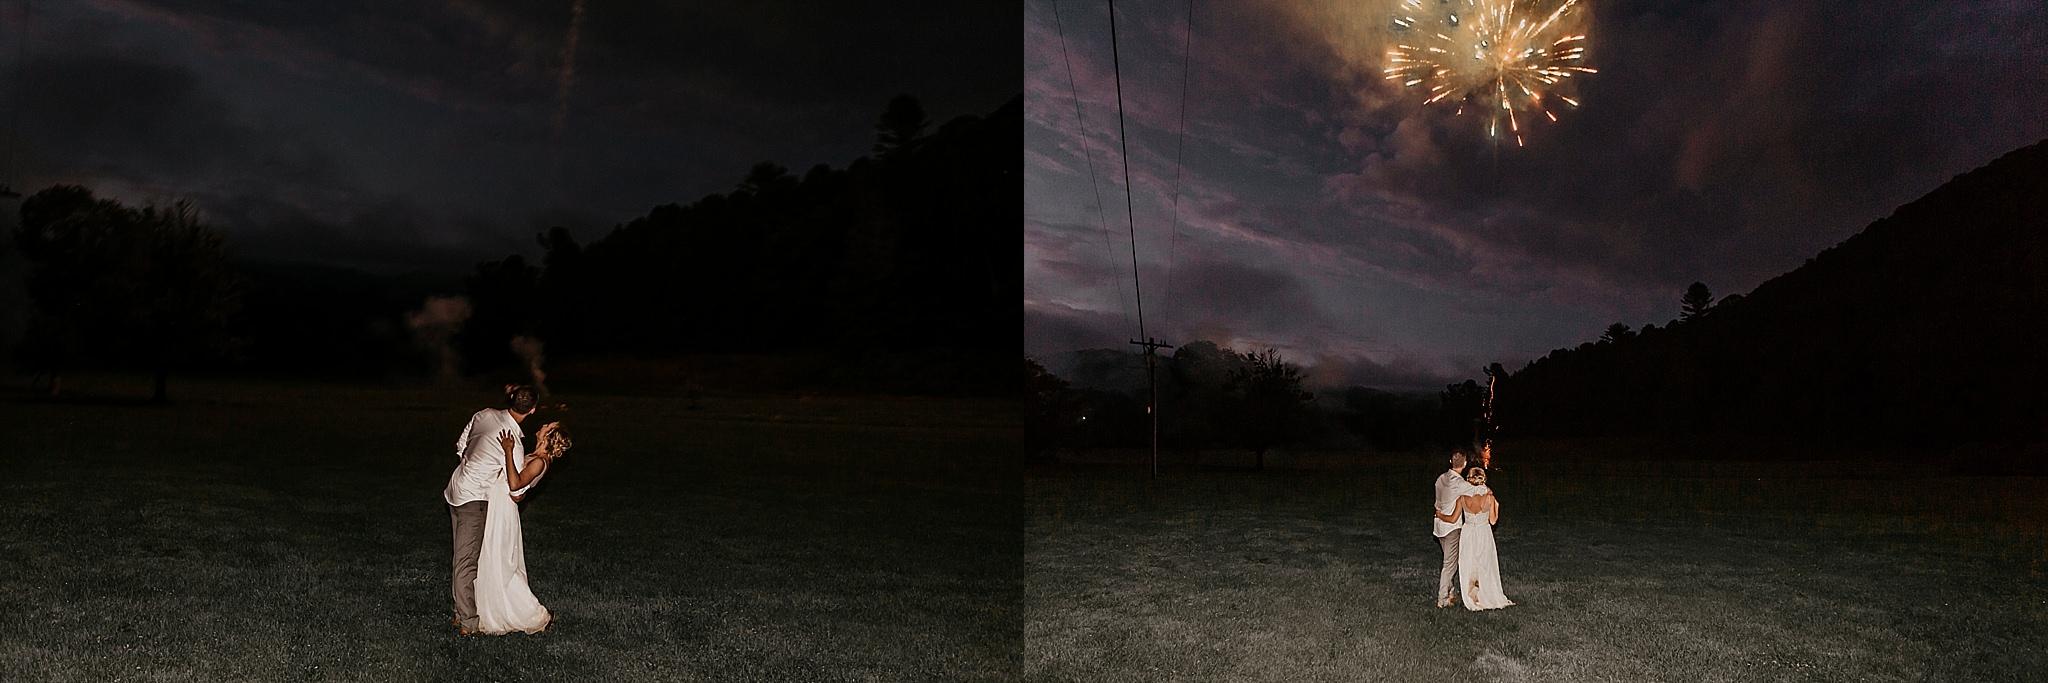 2017-10-20_0098.jpg